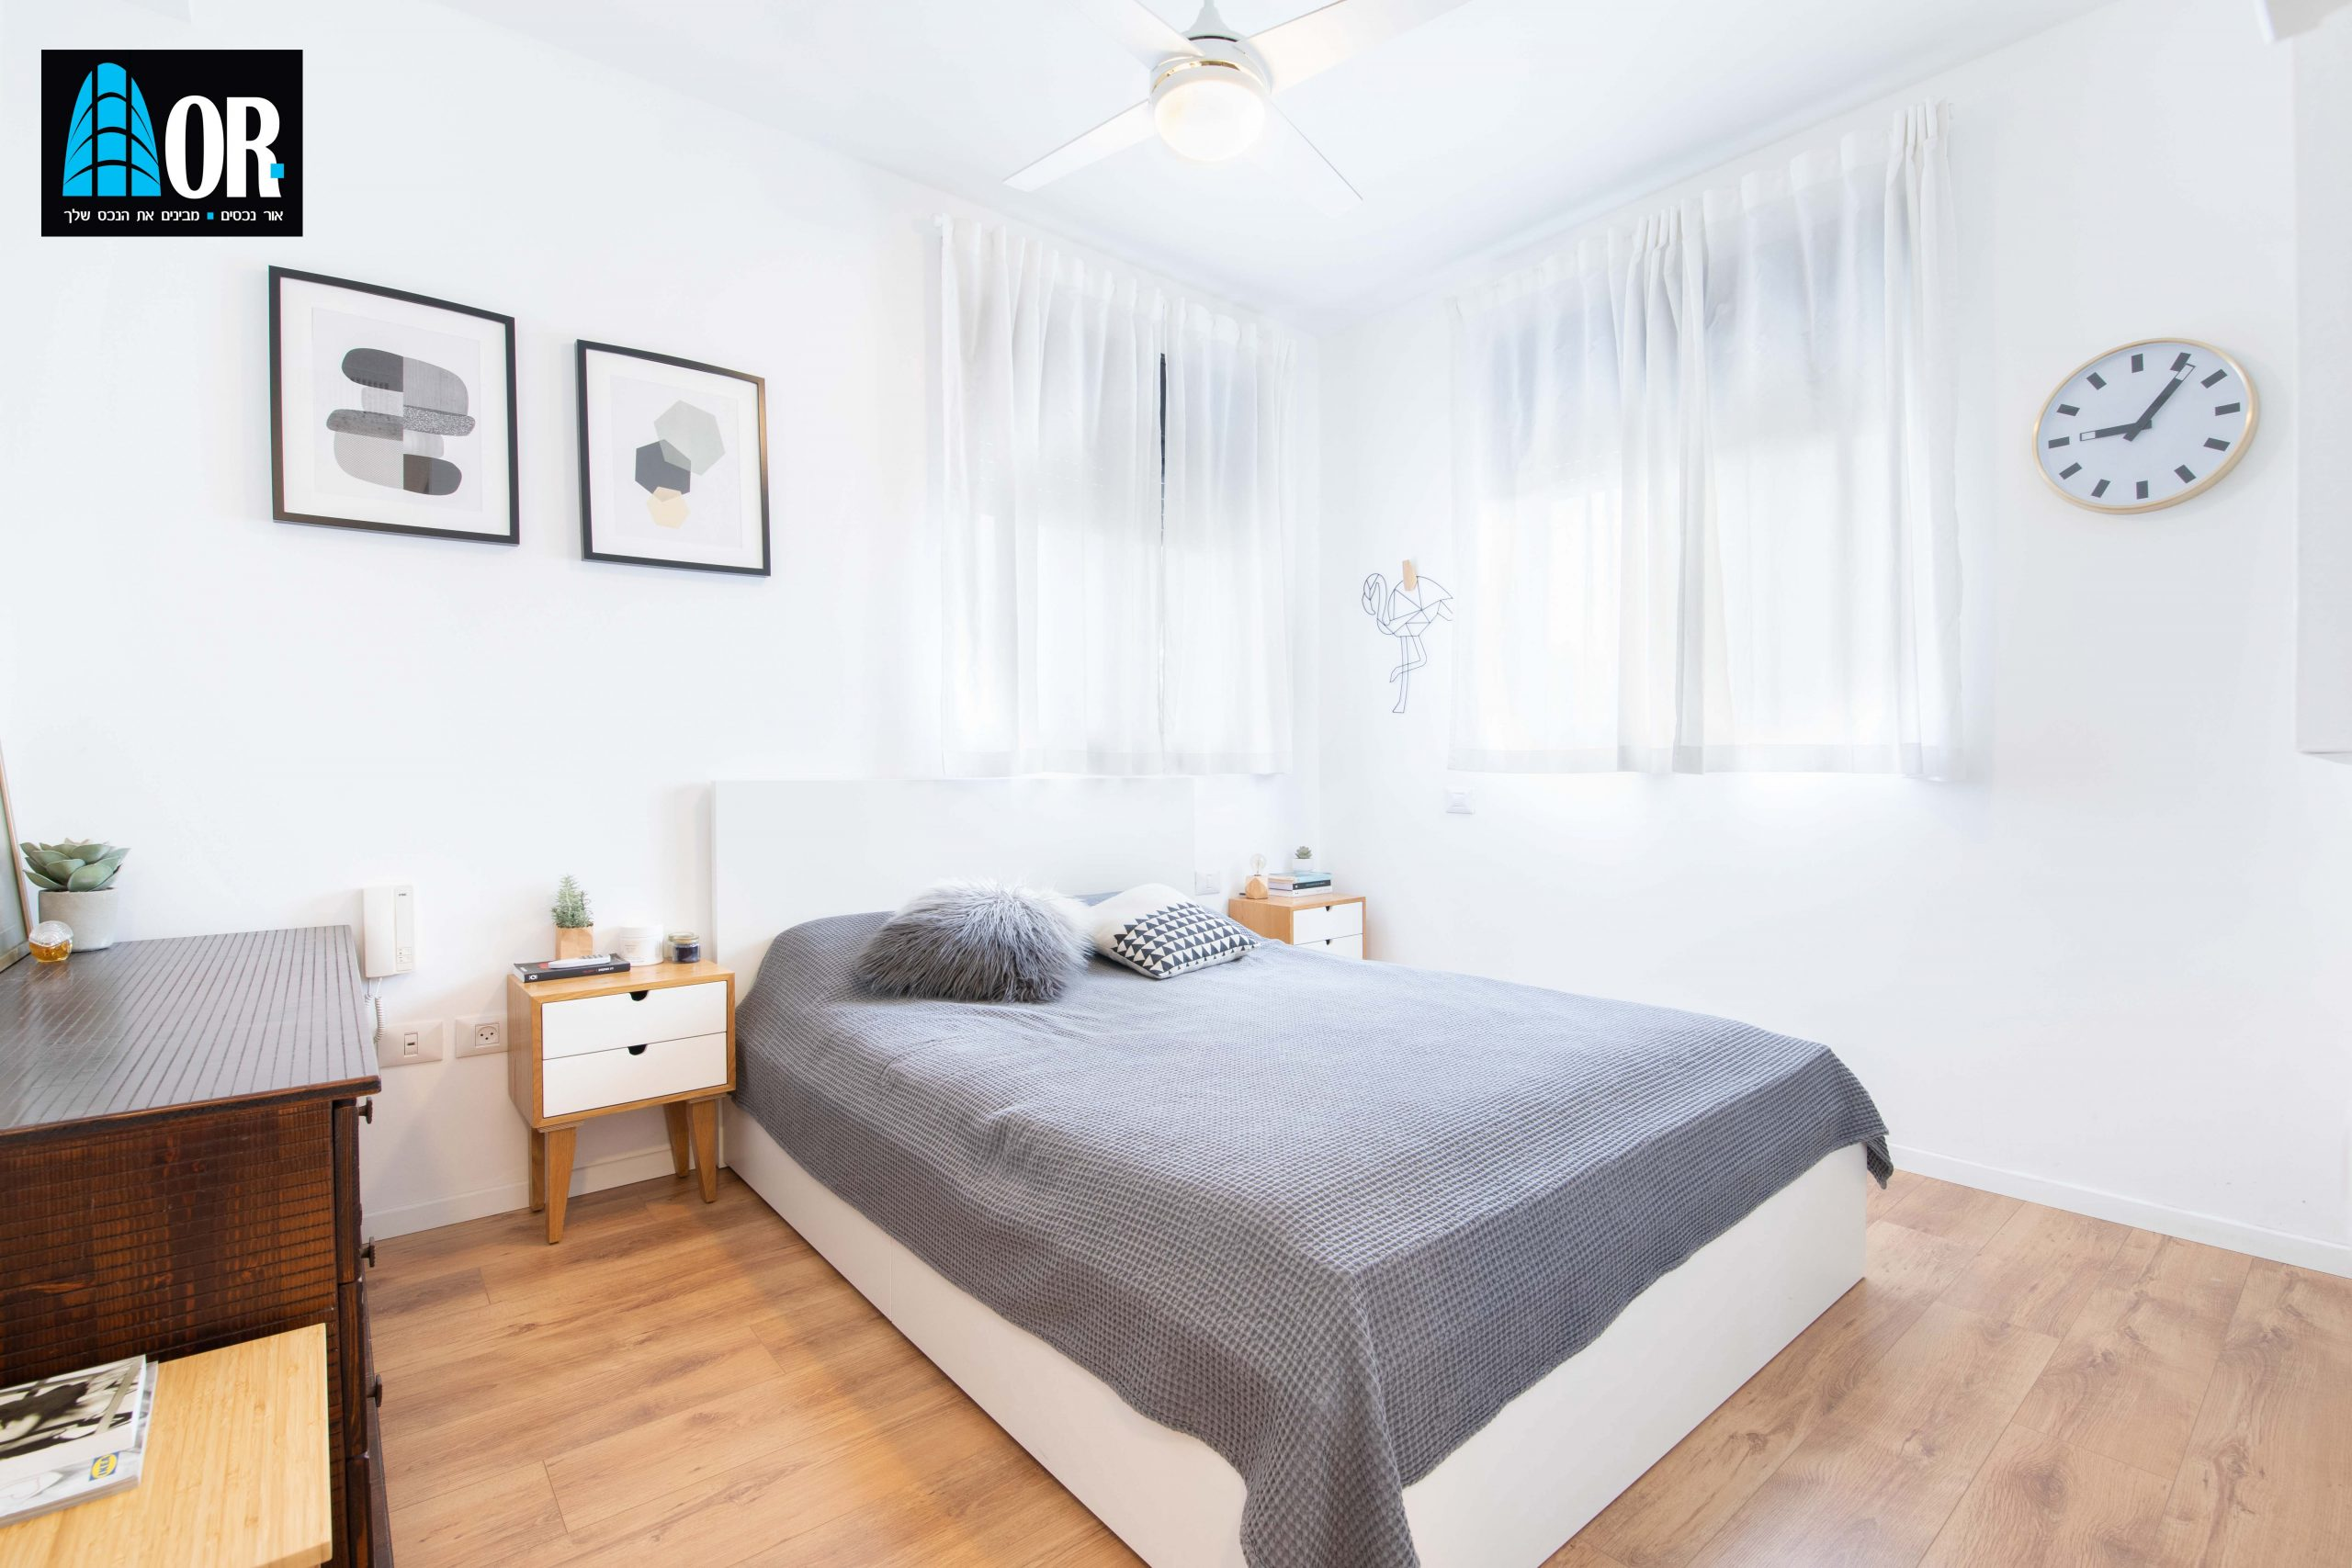 חדר שינה דירה 4 חדרים בשכונת צמרות